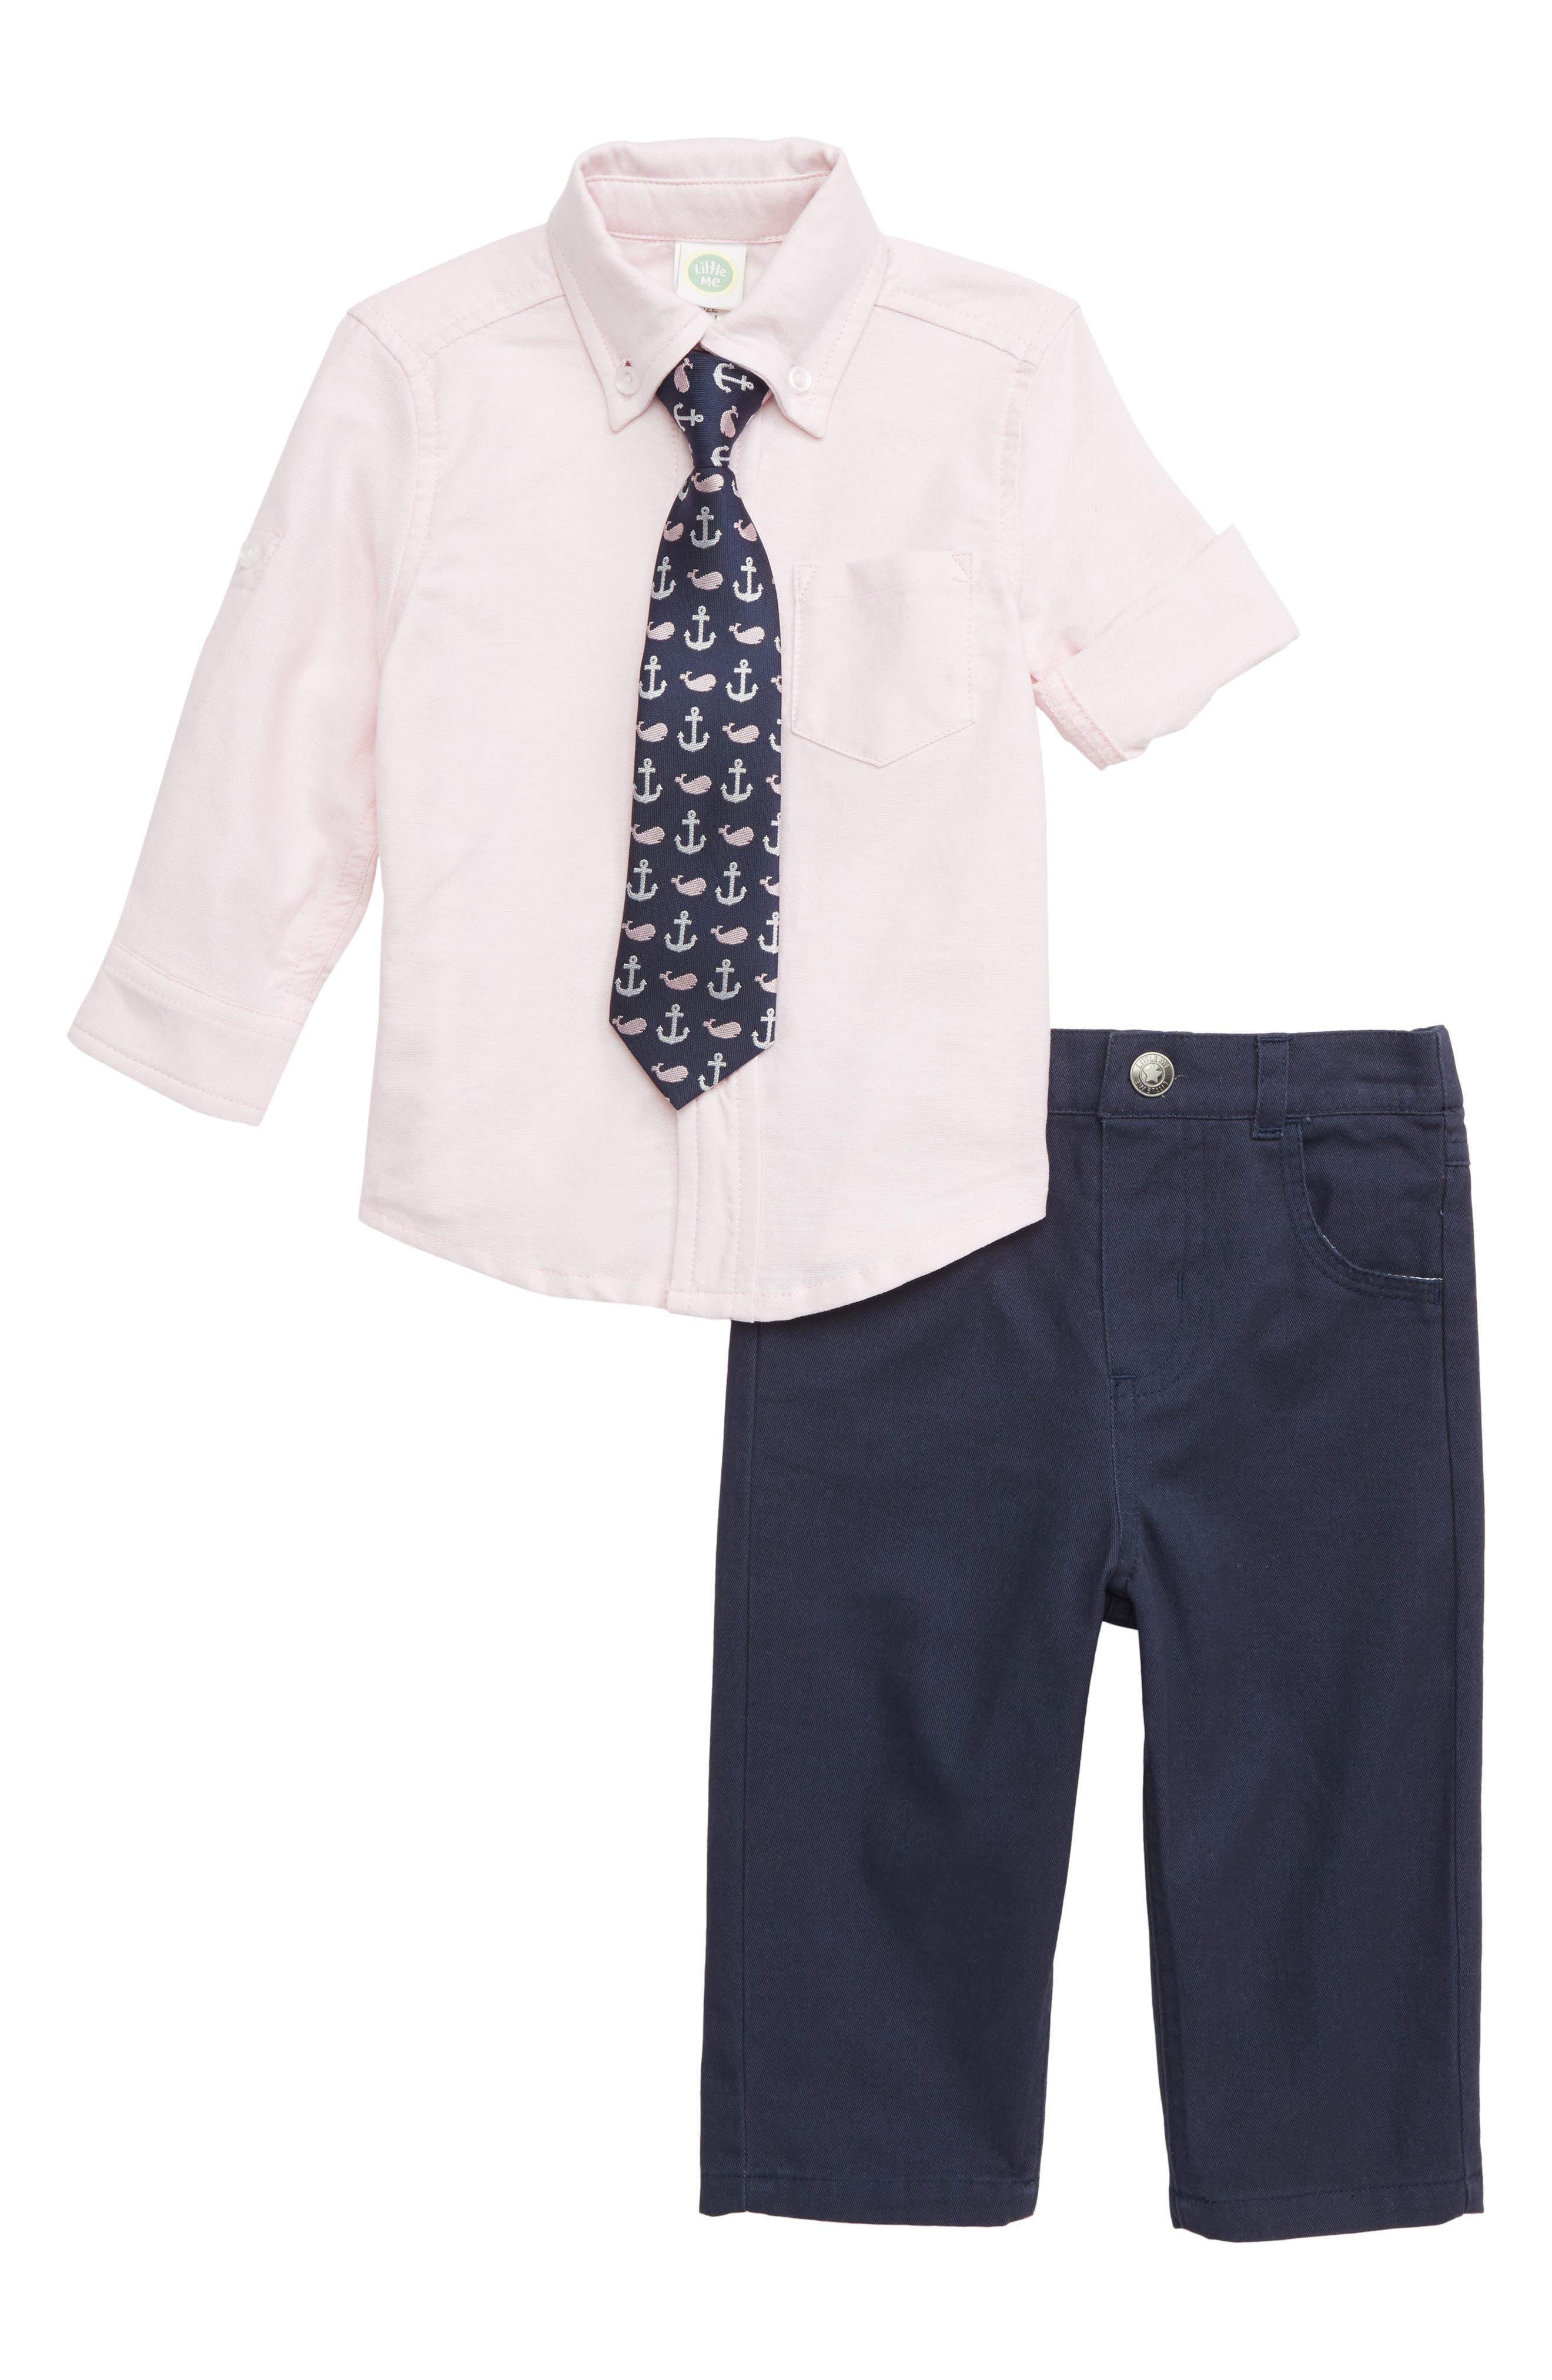 LITTLE ME Oxford Shirt, Pants & Tie Set, Main, color, 415